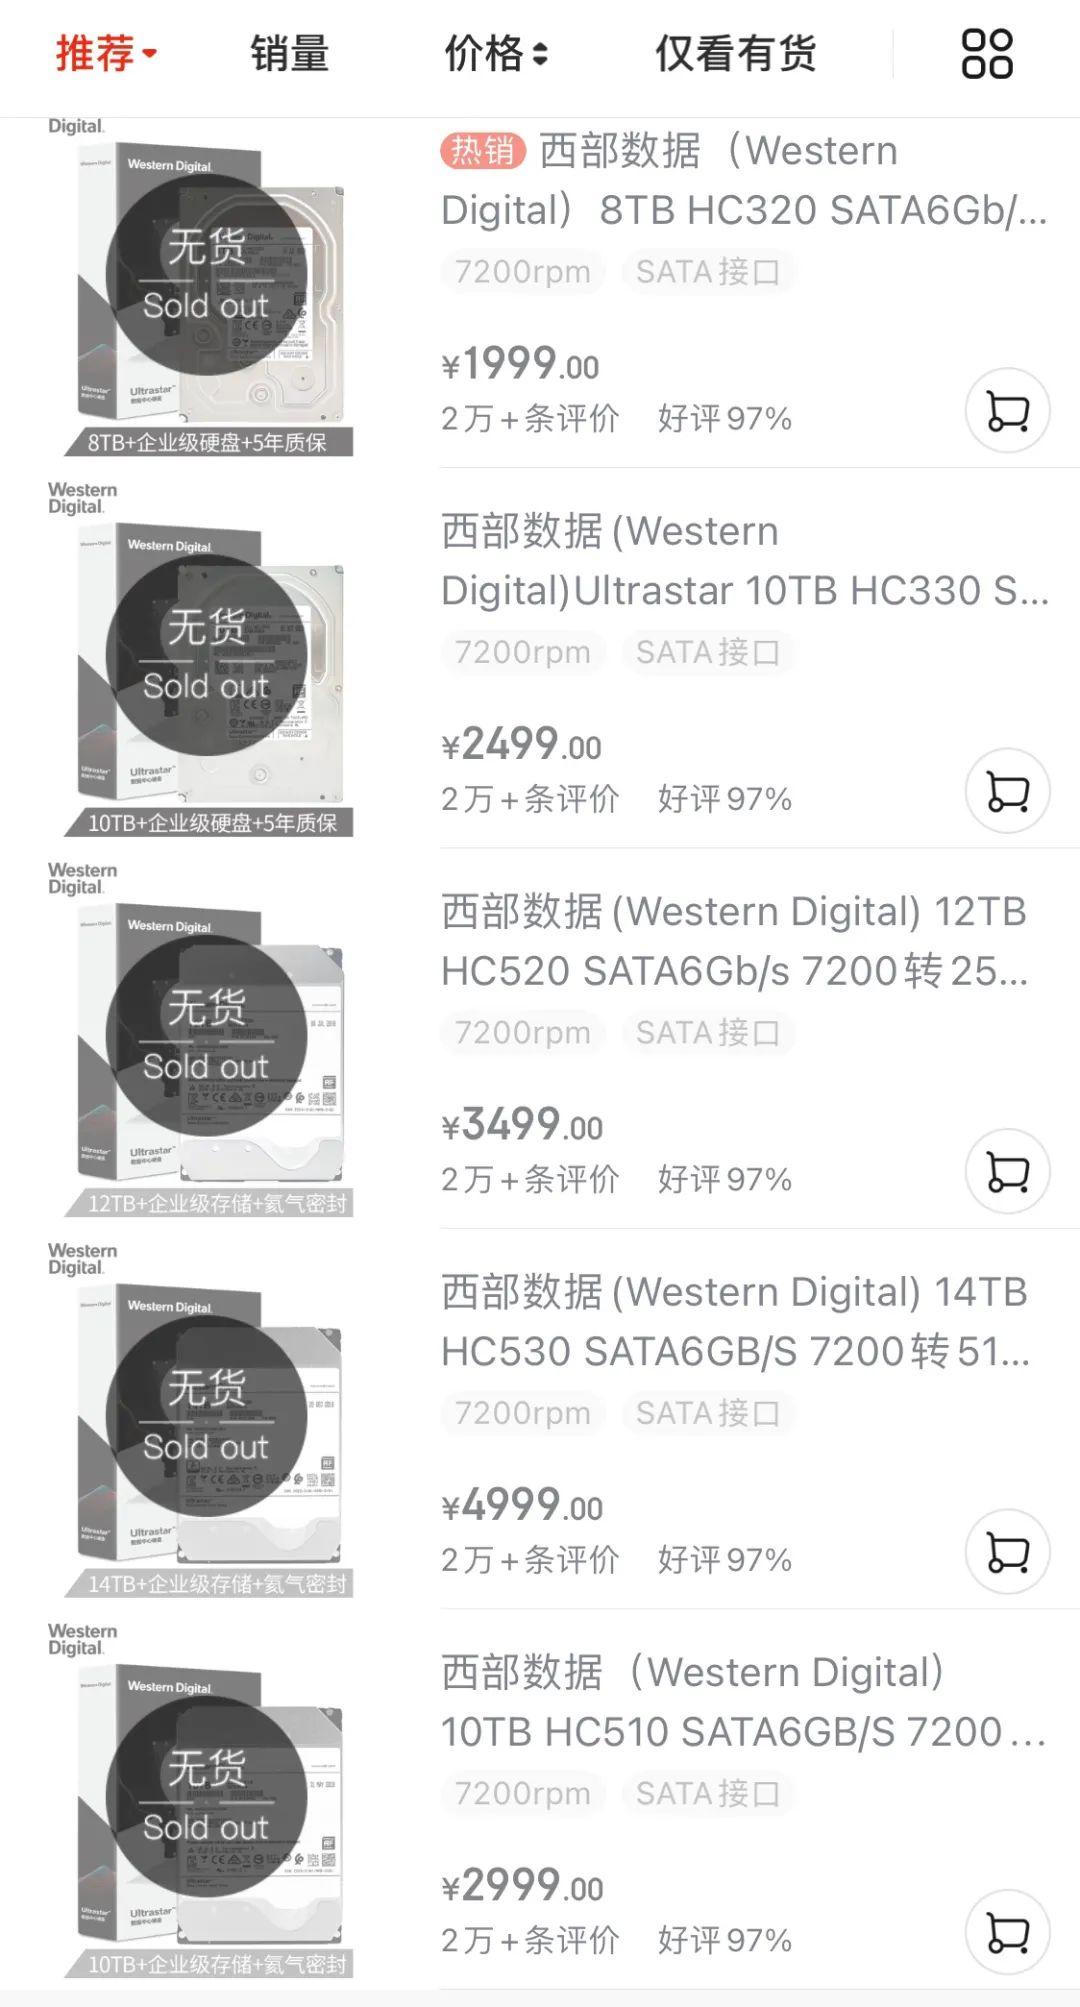 某品牌大容量硬盘处于无货状态 来源:电商平台